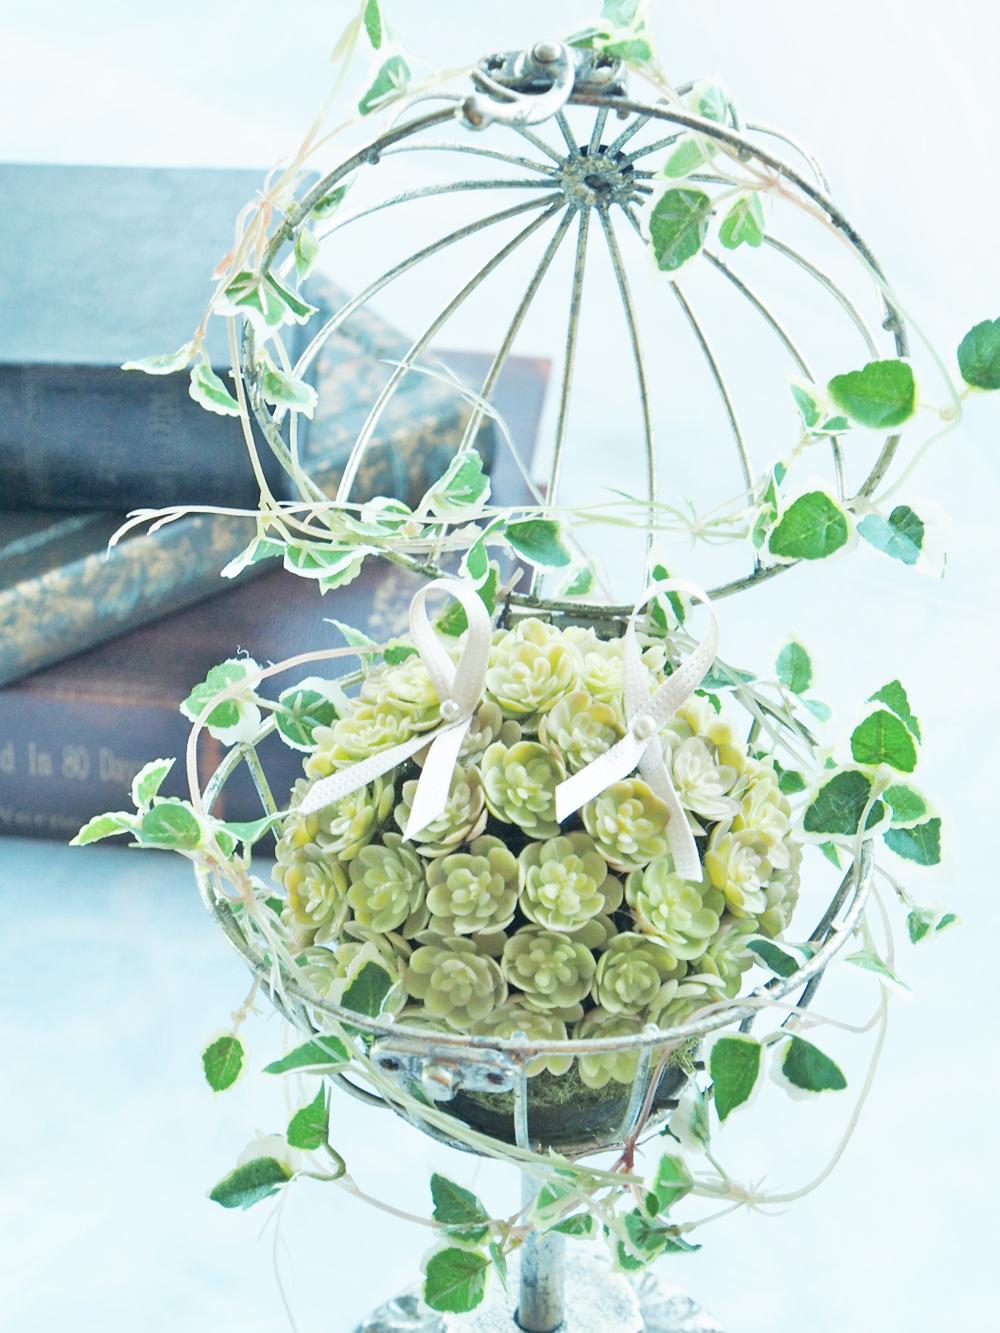 花のリングピロー多肉植物のリングピロー